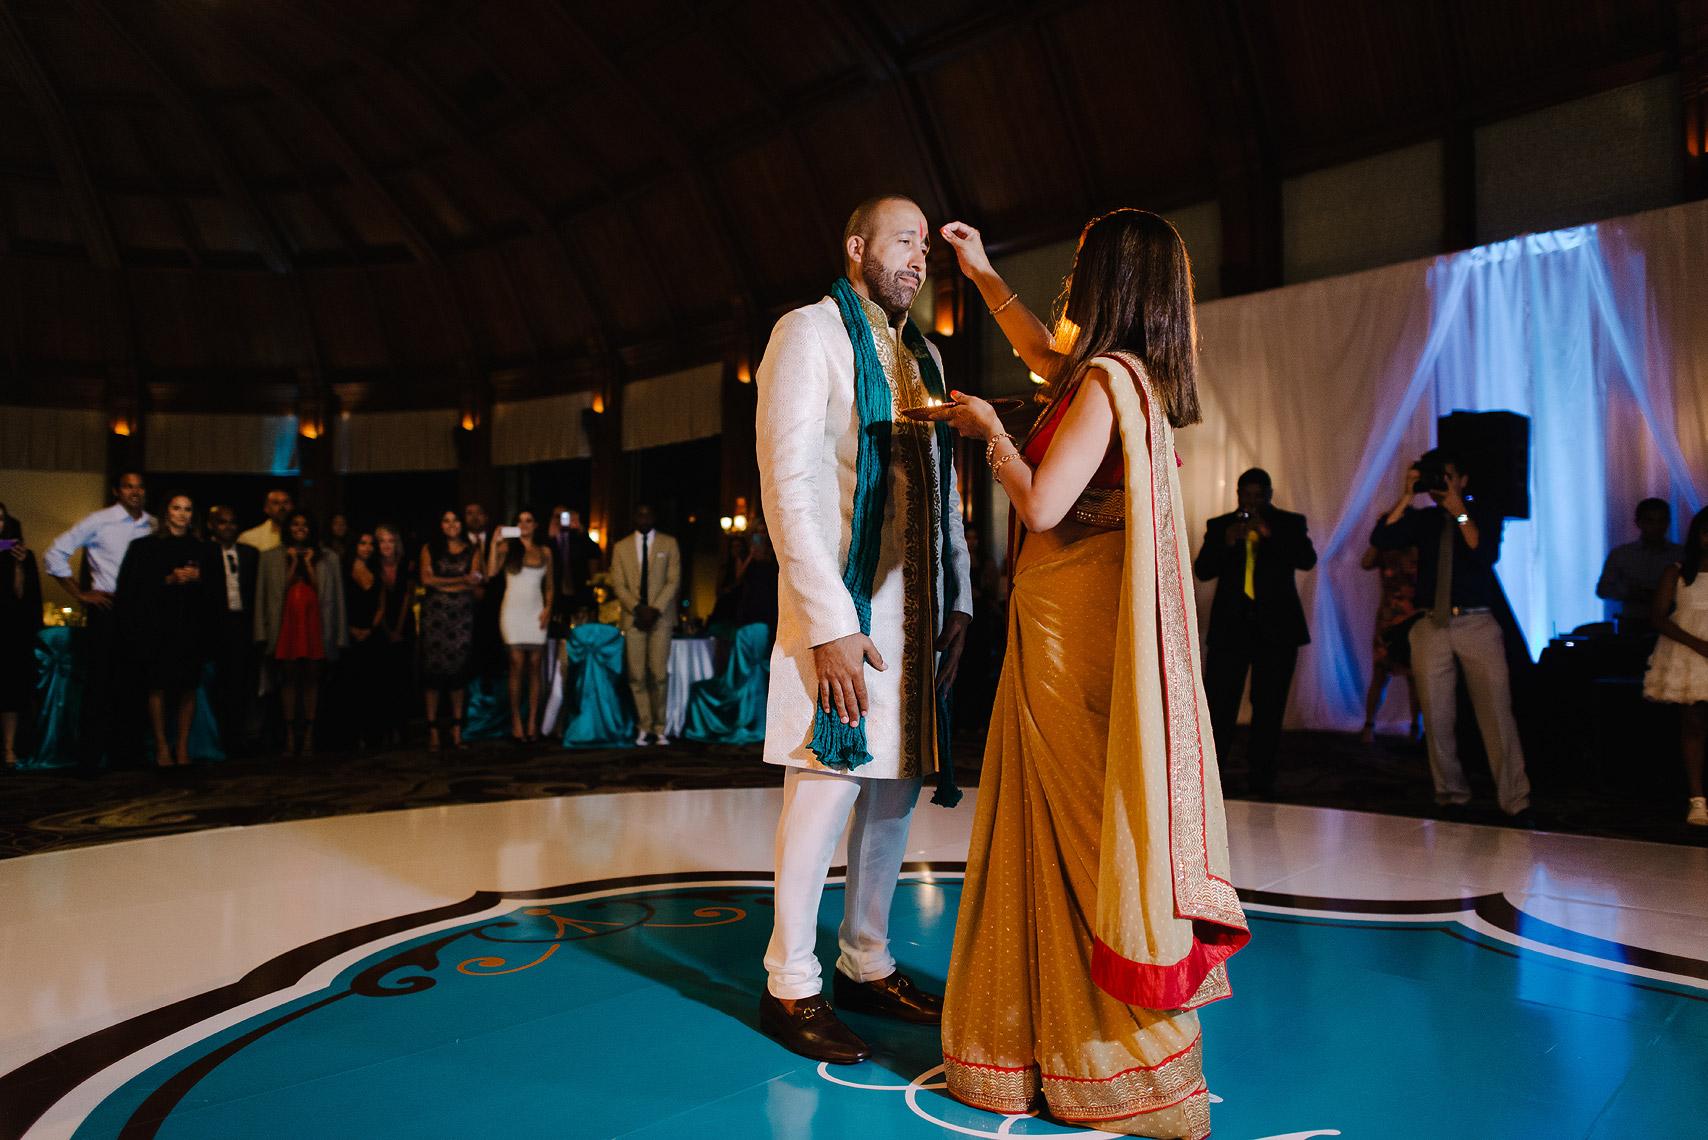 26-hotel-del-coronado-celebrity-wedding.jpg